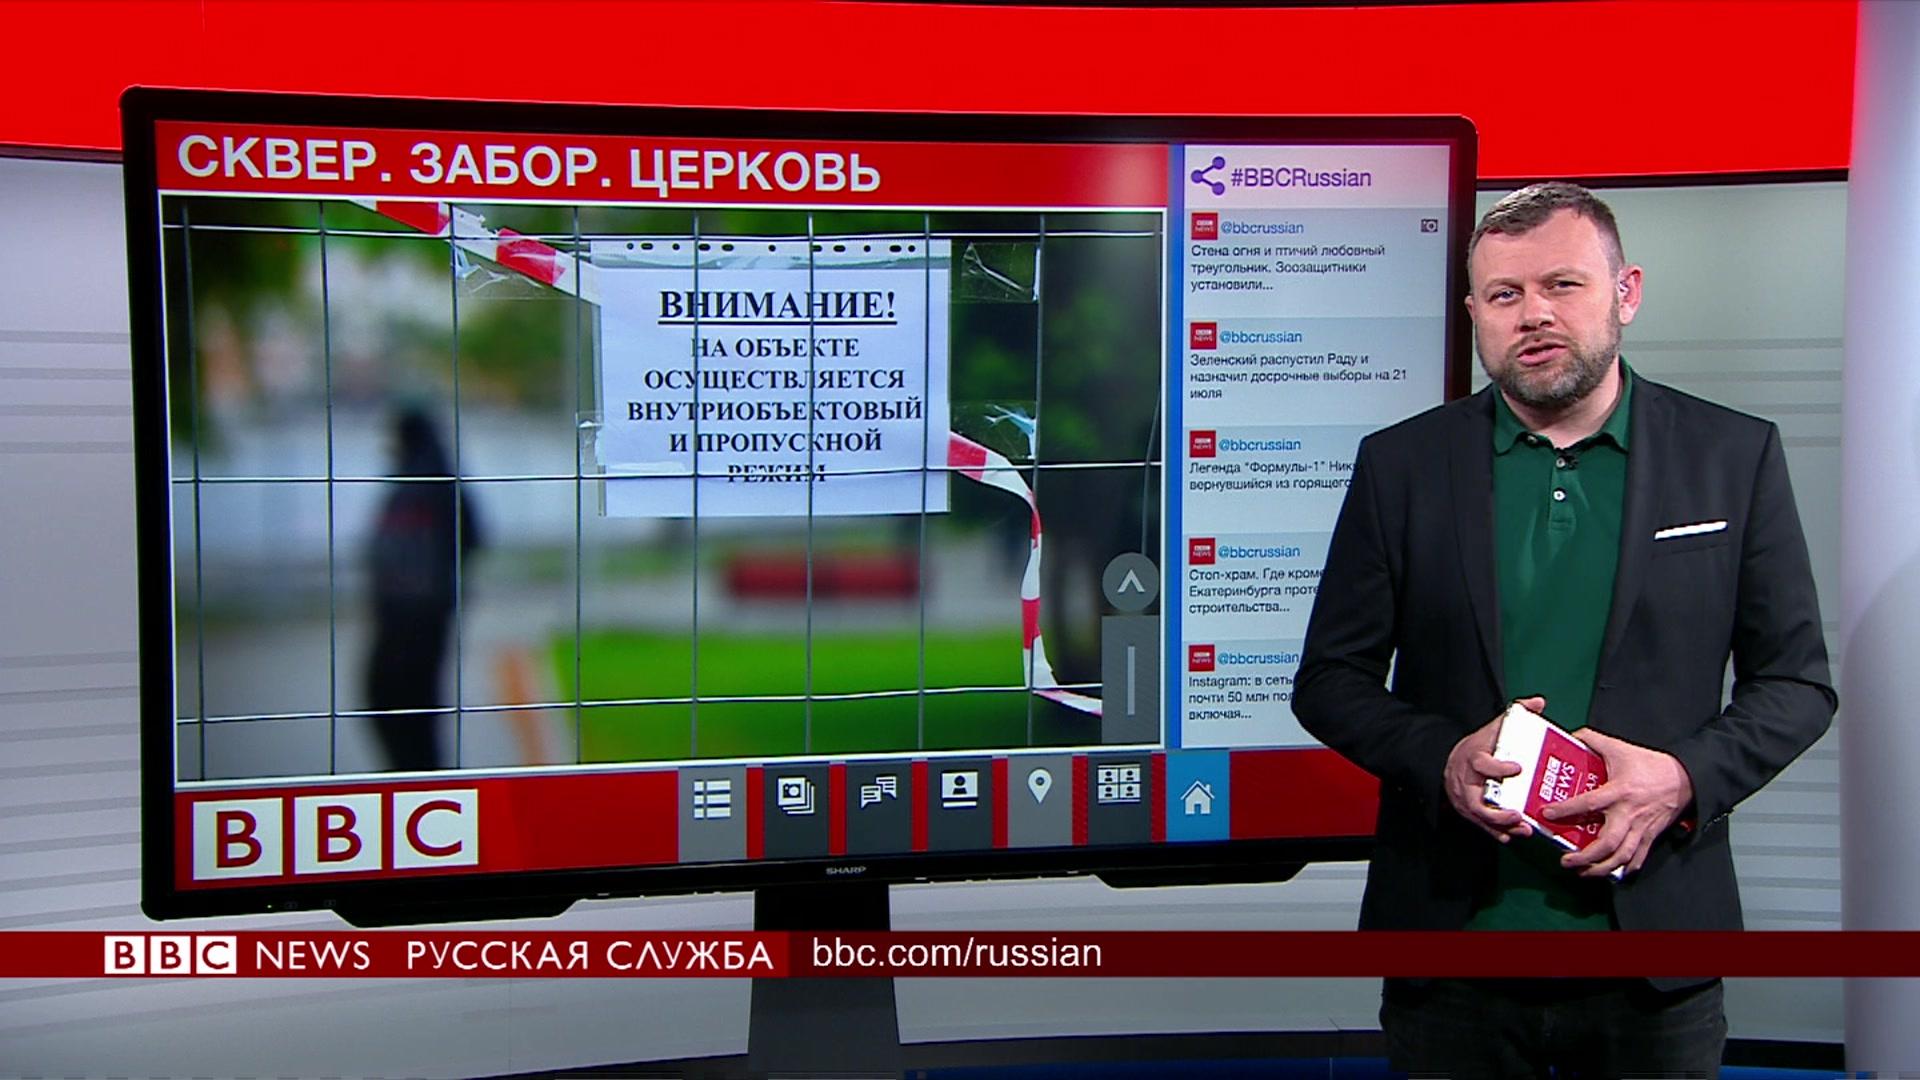 ТВ-новости: как в России спорят о строительстве храмов